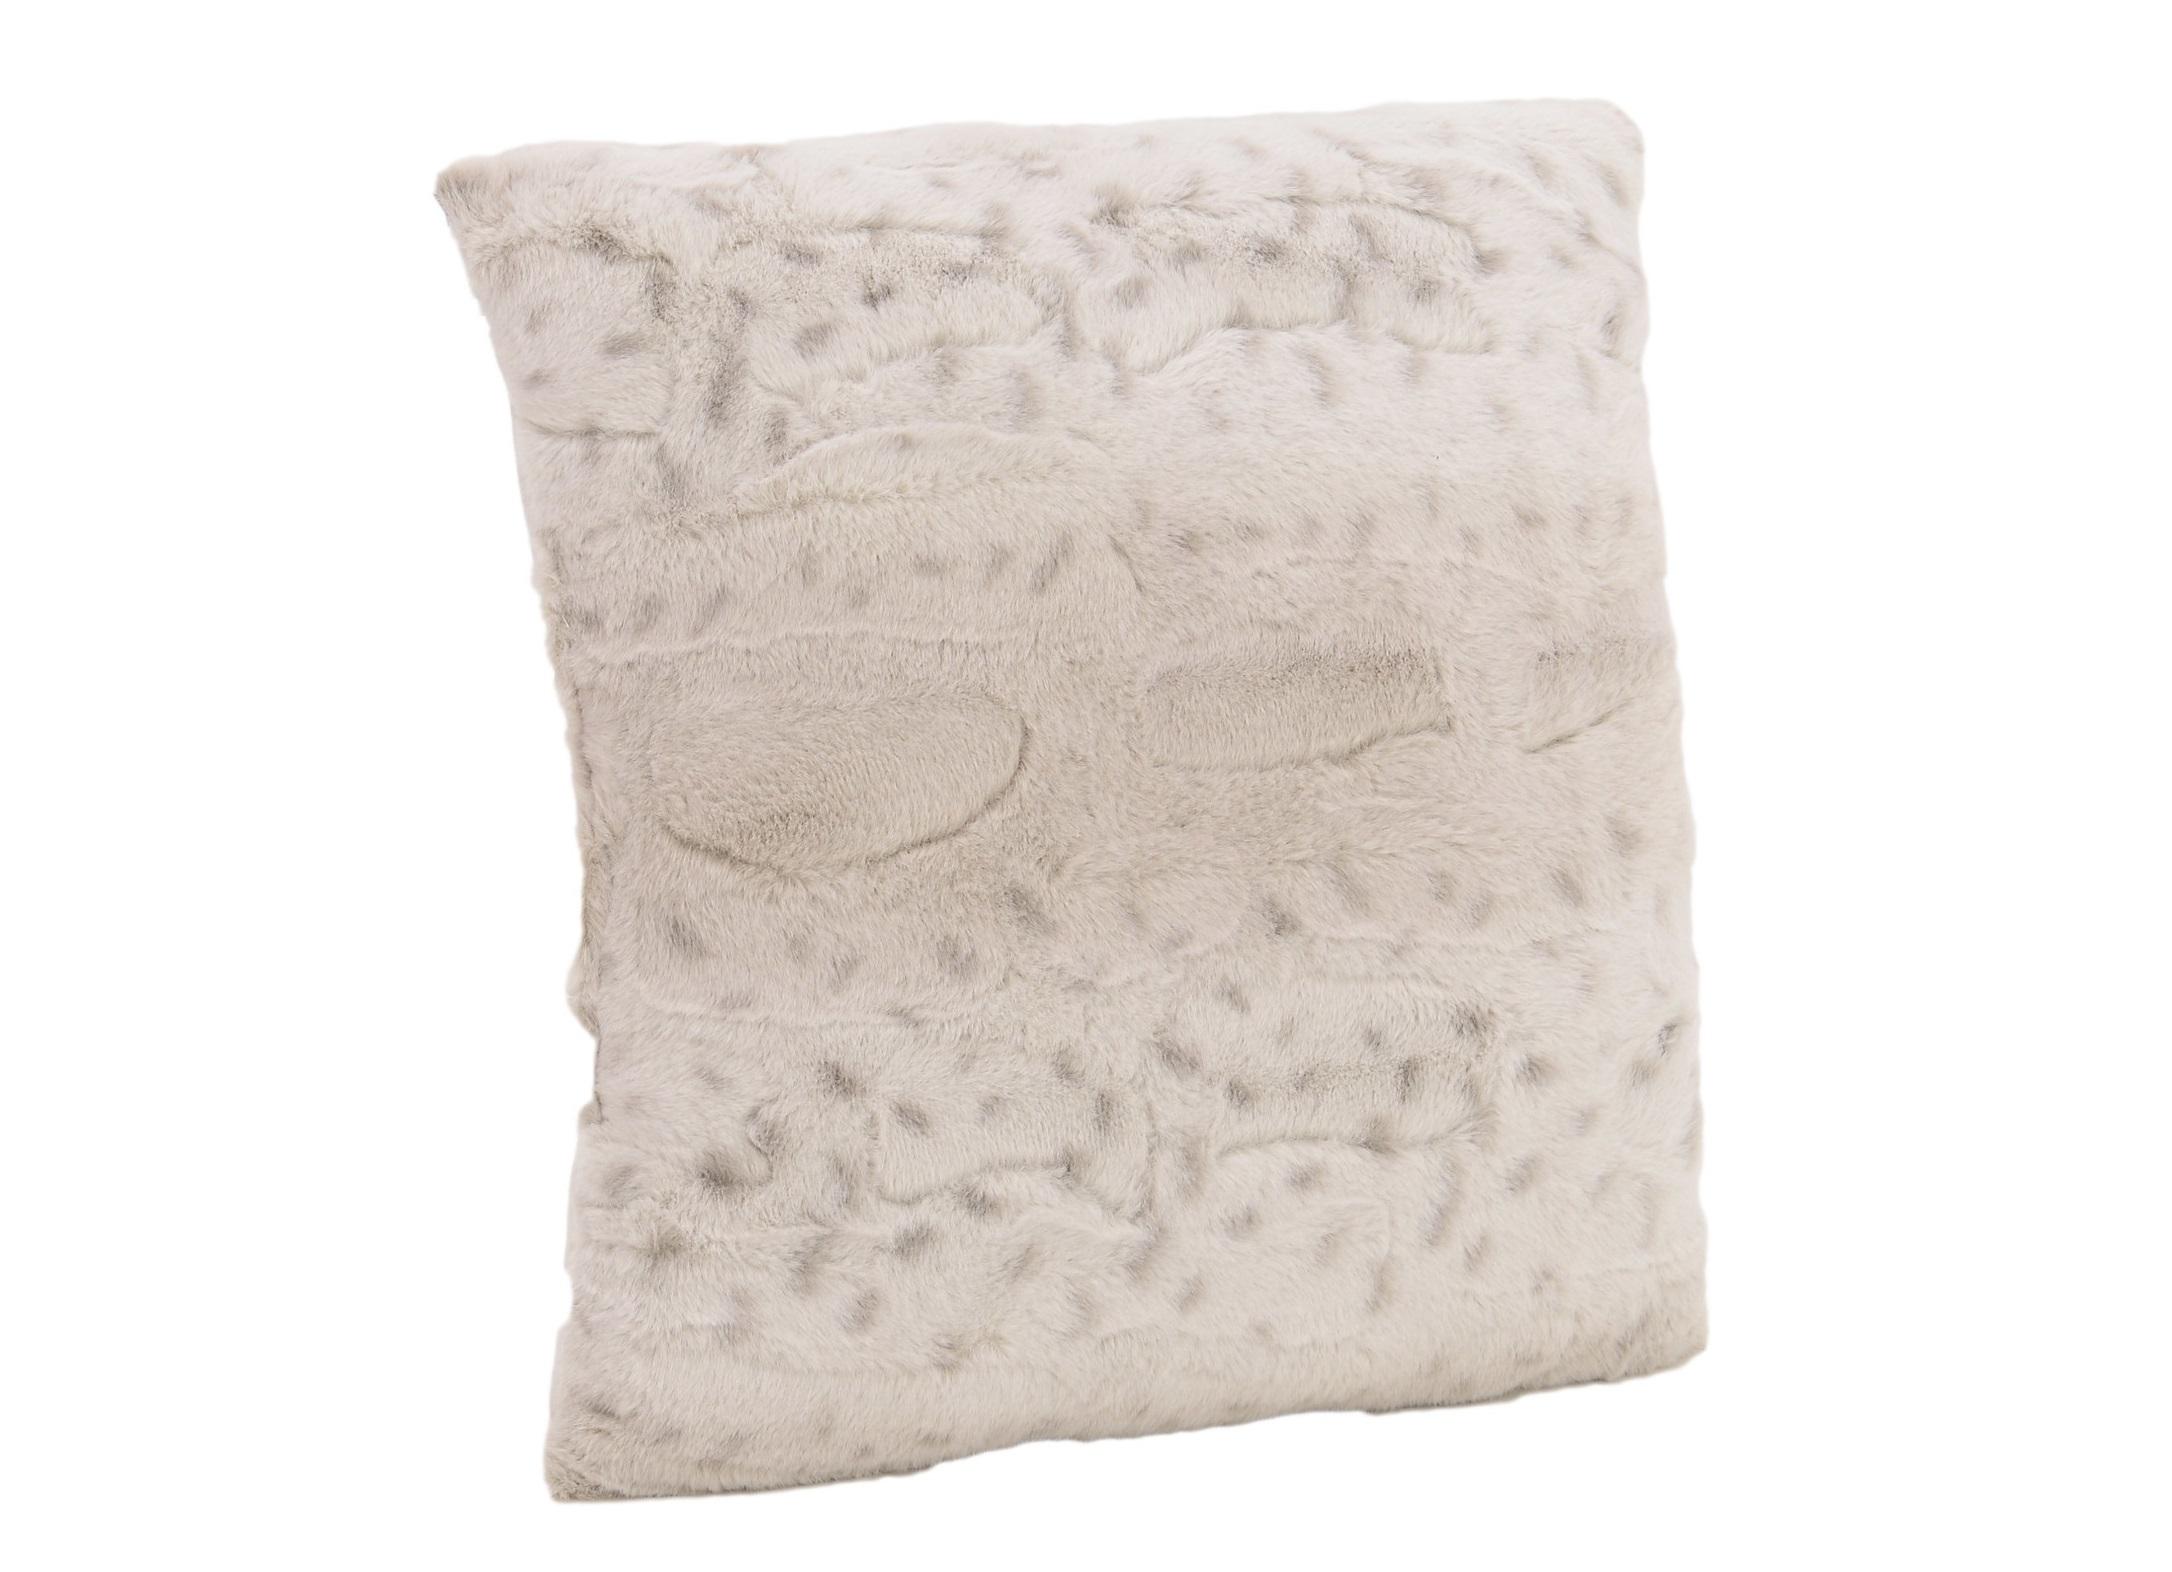 Подушка AtrodКвадратные подушки и наволочки<br>Материал: хлопок, полиэстер<br><br>Material: Хлопок<br>Ширина см: 40<br>Высота см: 40<br>Глубина см: 10